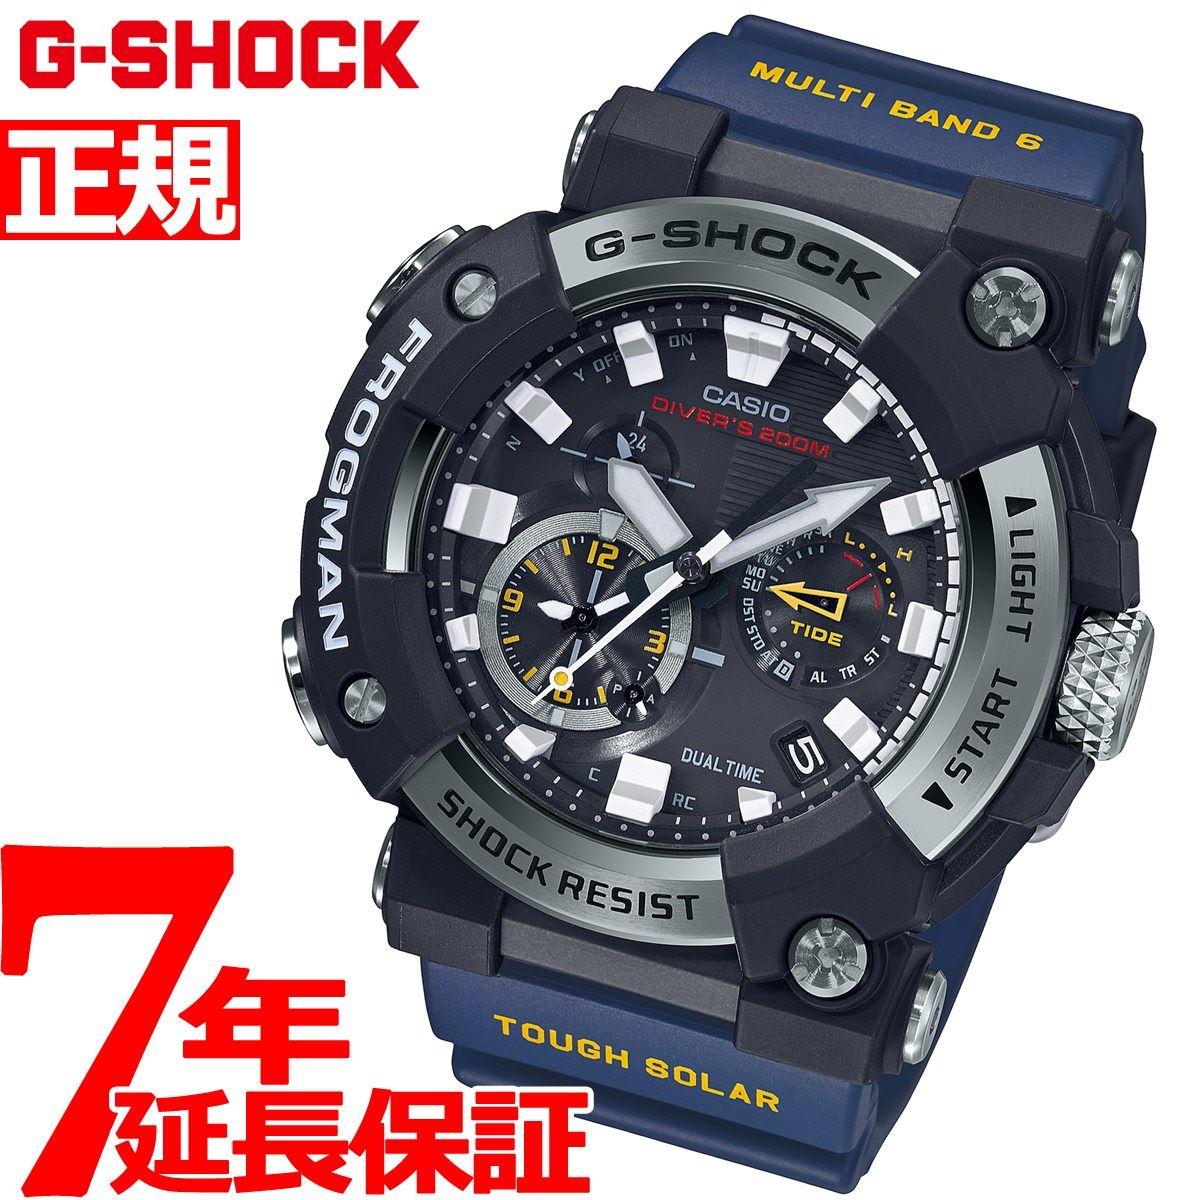 CASIO G-SHOCK Solar watch 13101OFF35G-SHOCK G CA...